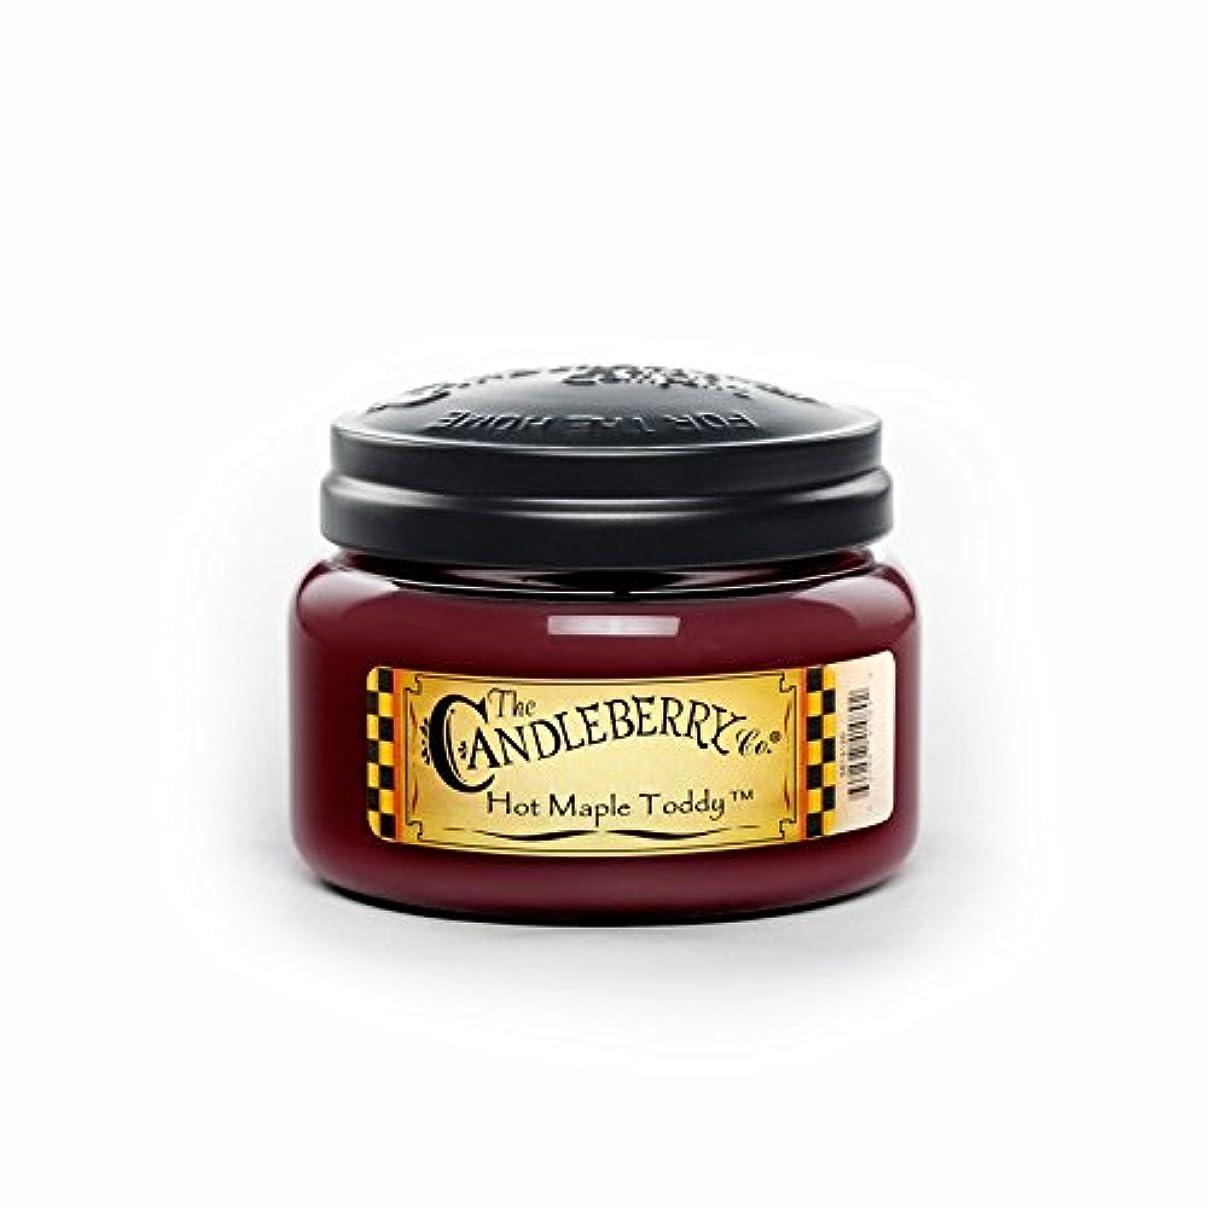 下向き電気技師佐賀ホットMaple Toddy Toddy 10オンスJar Candleberry Small Candle